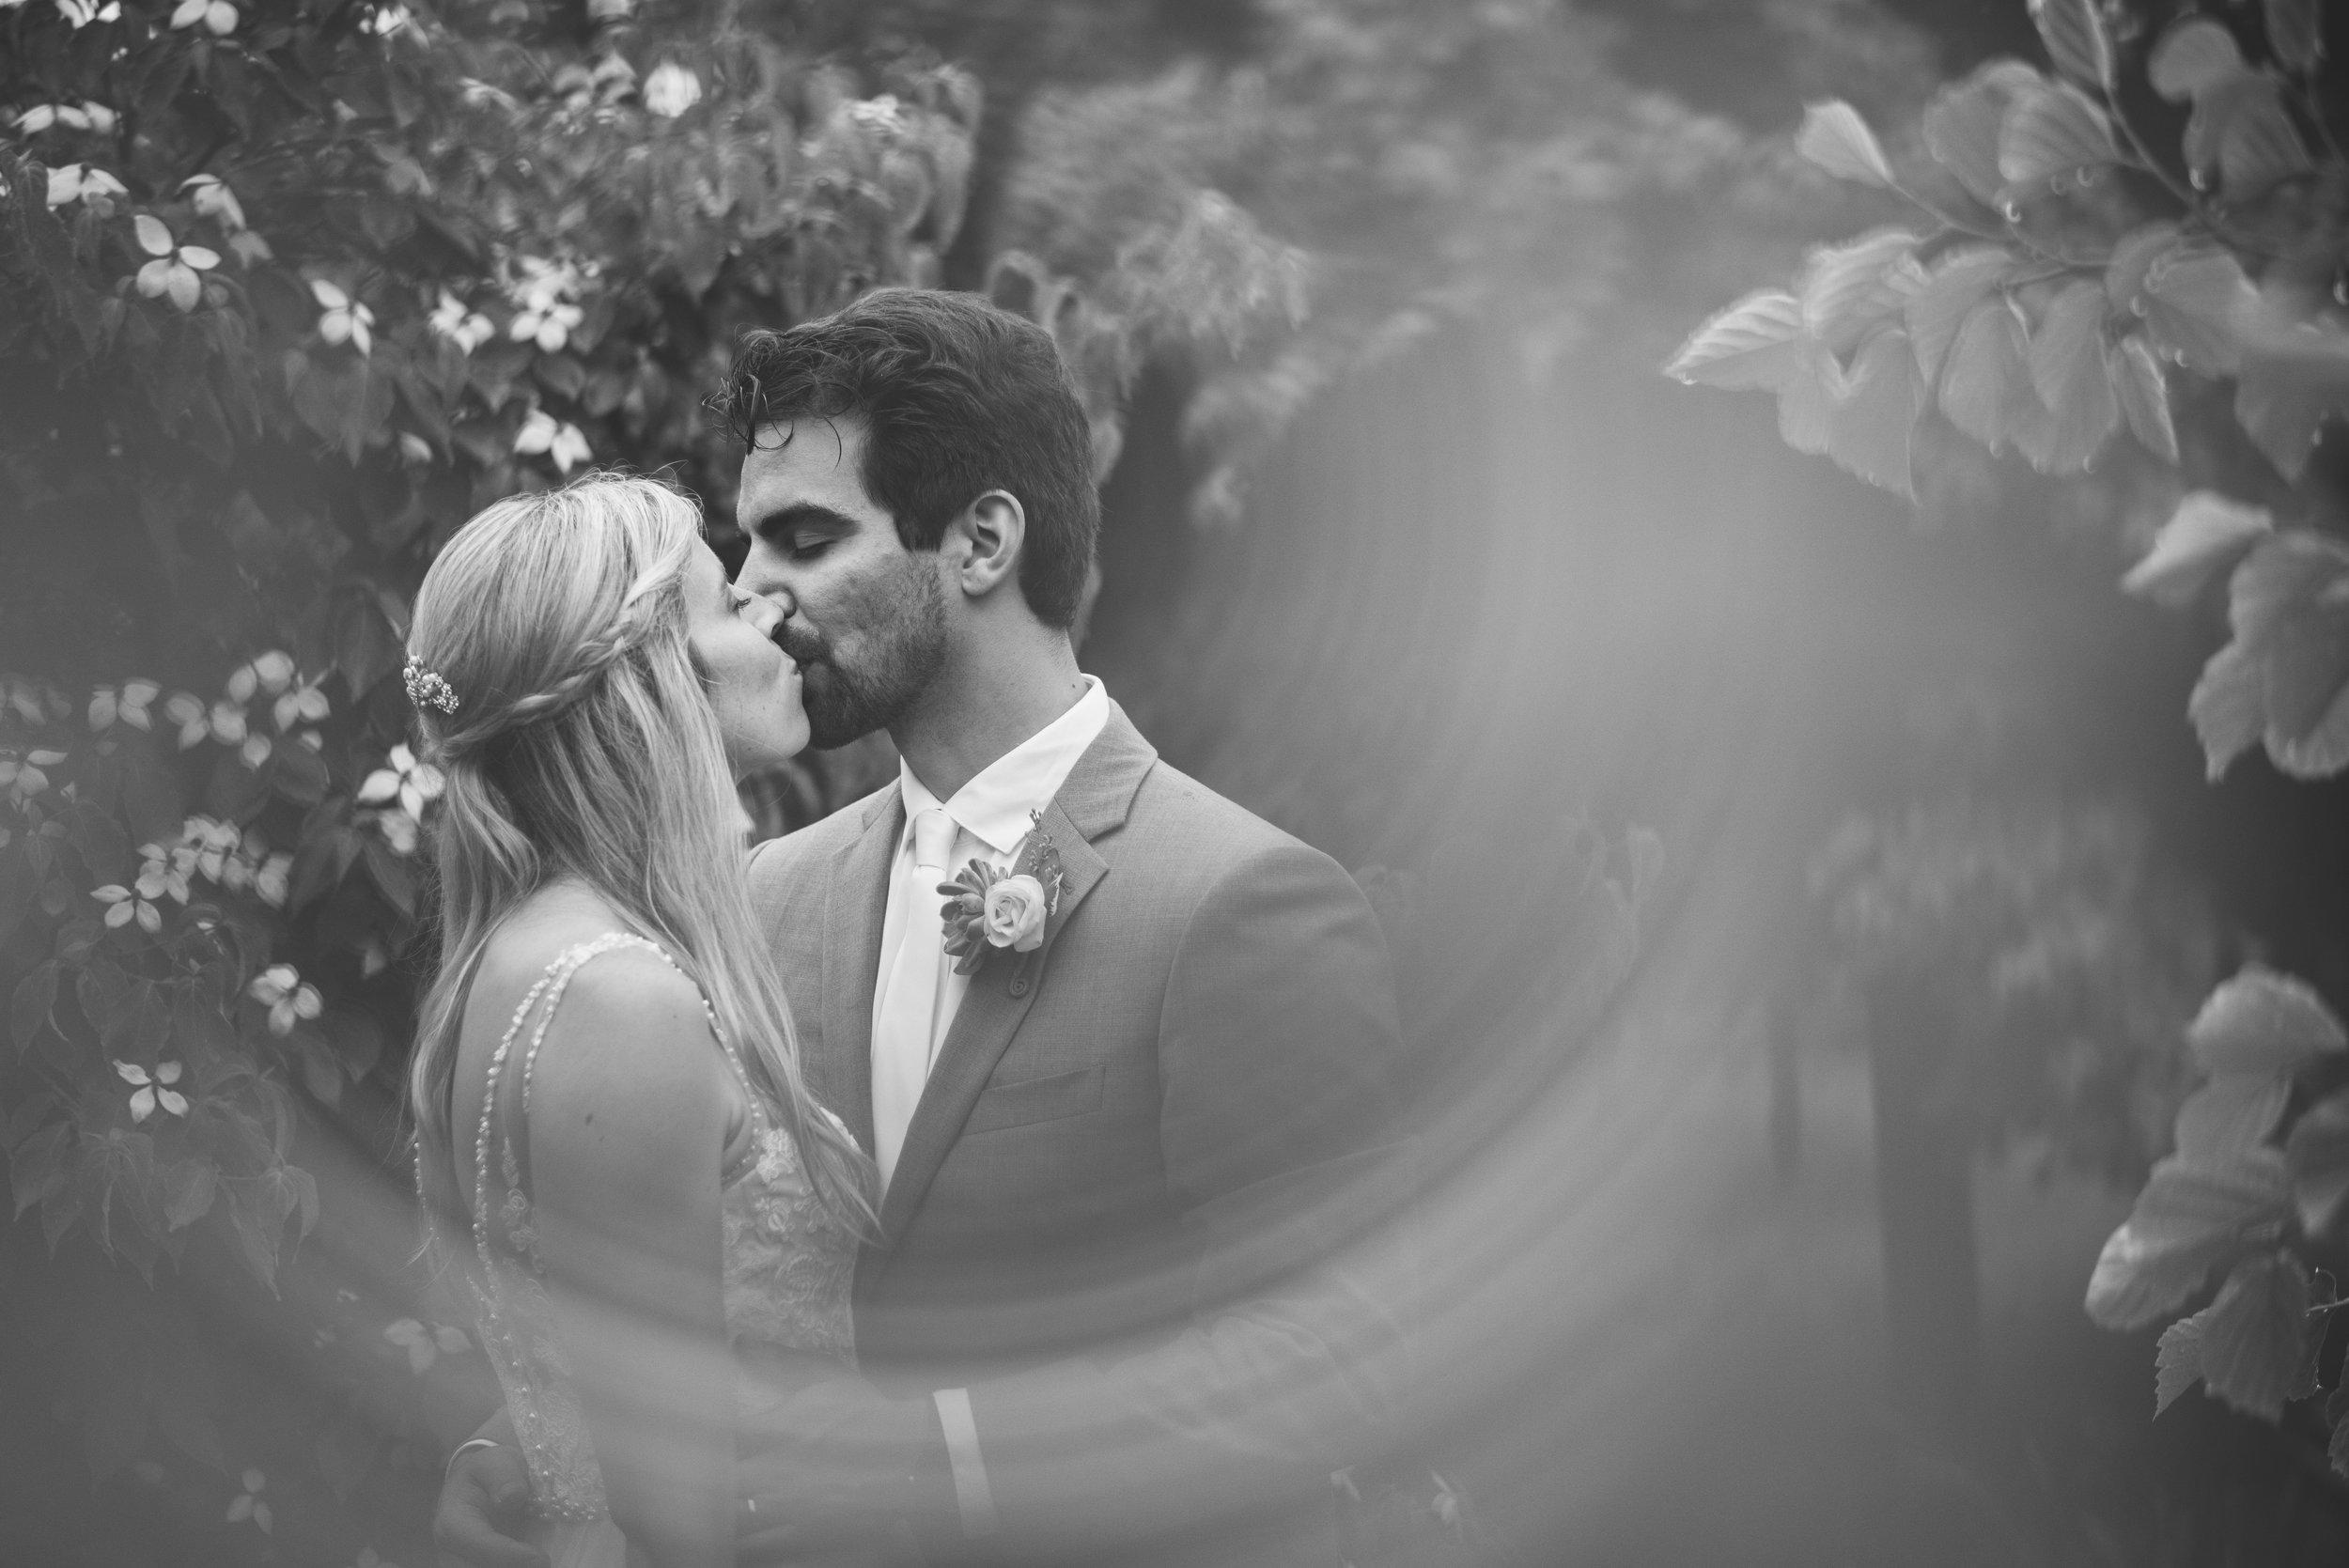 simpson garden park wedding photography bowling green ohio